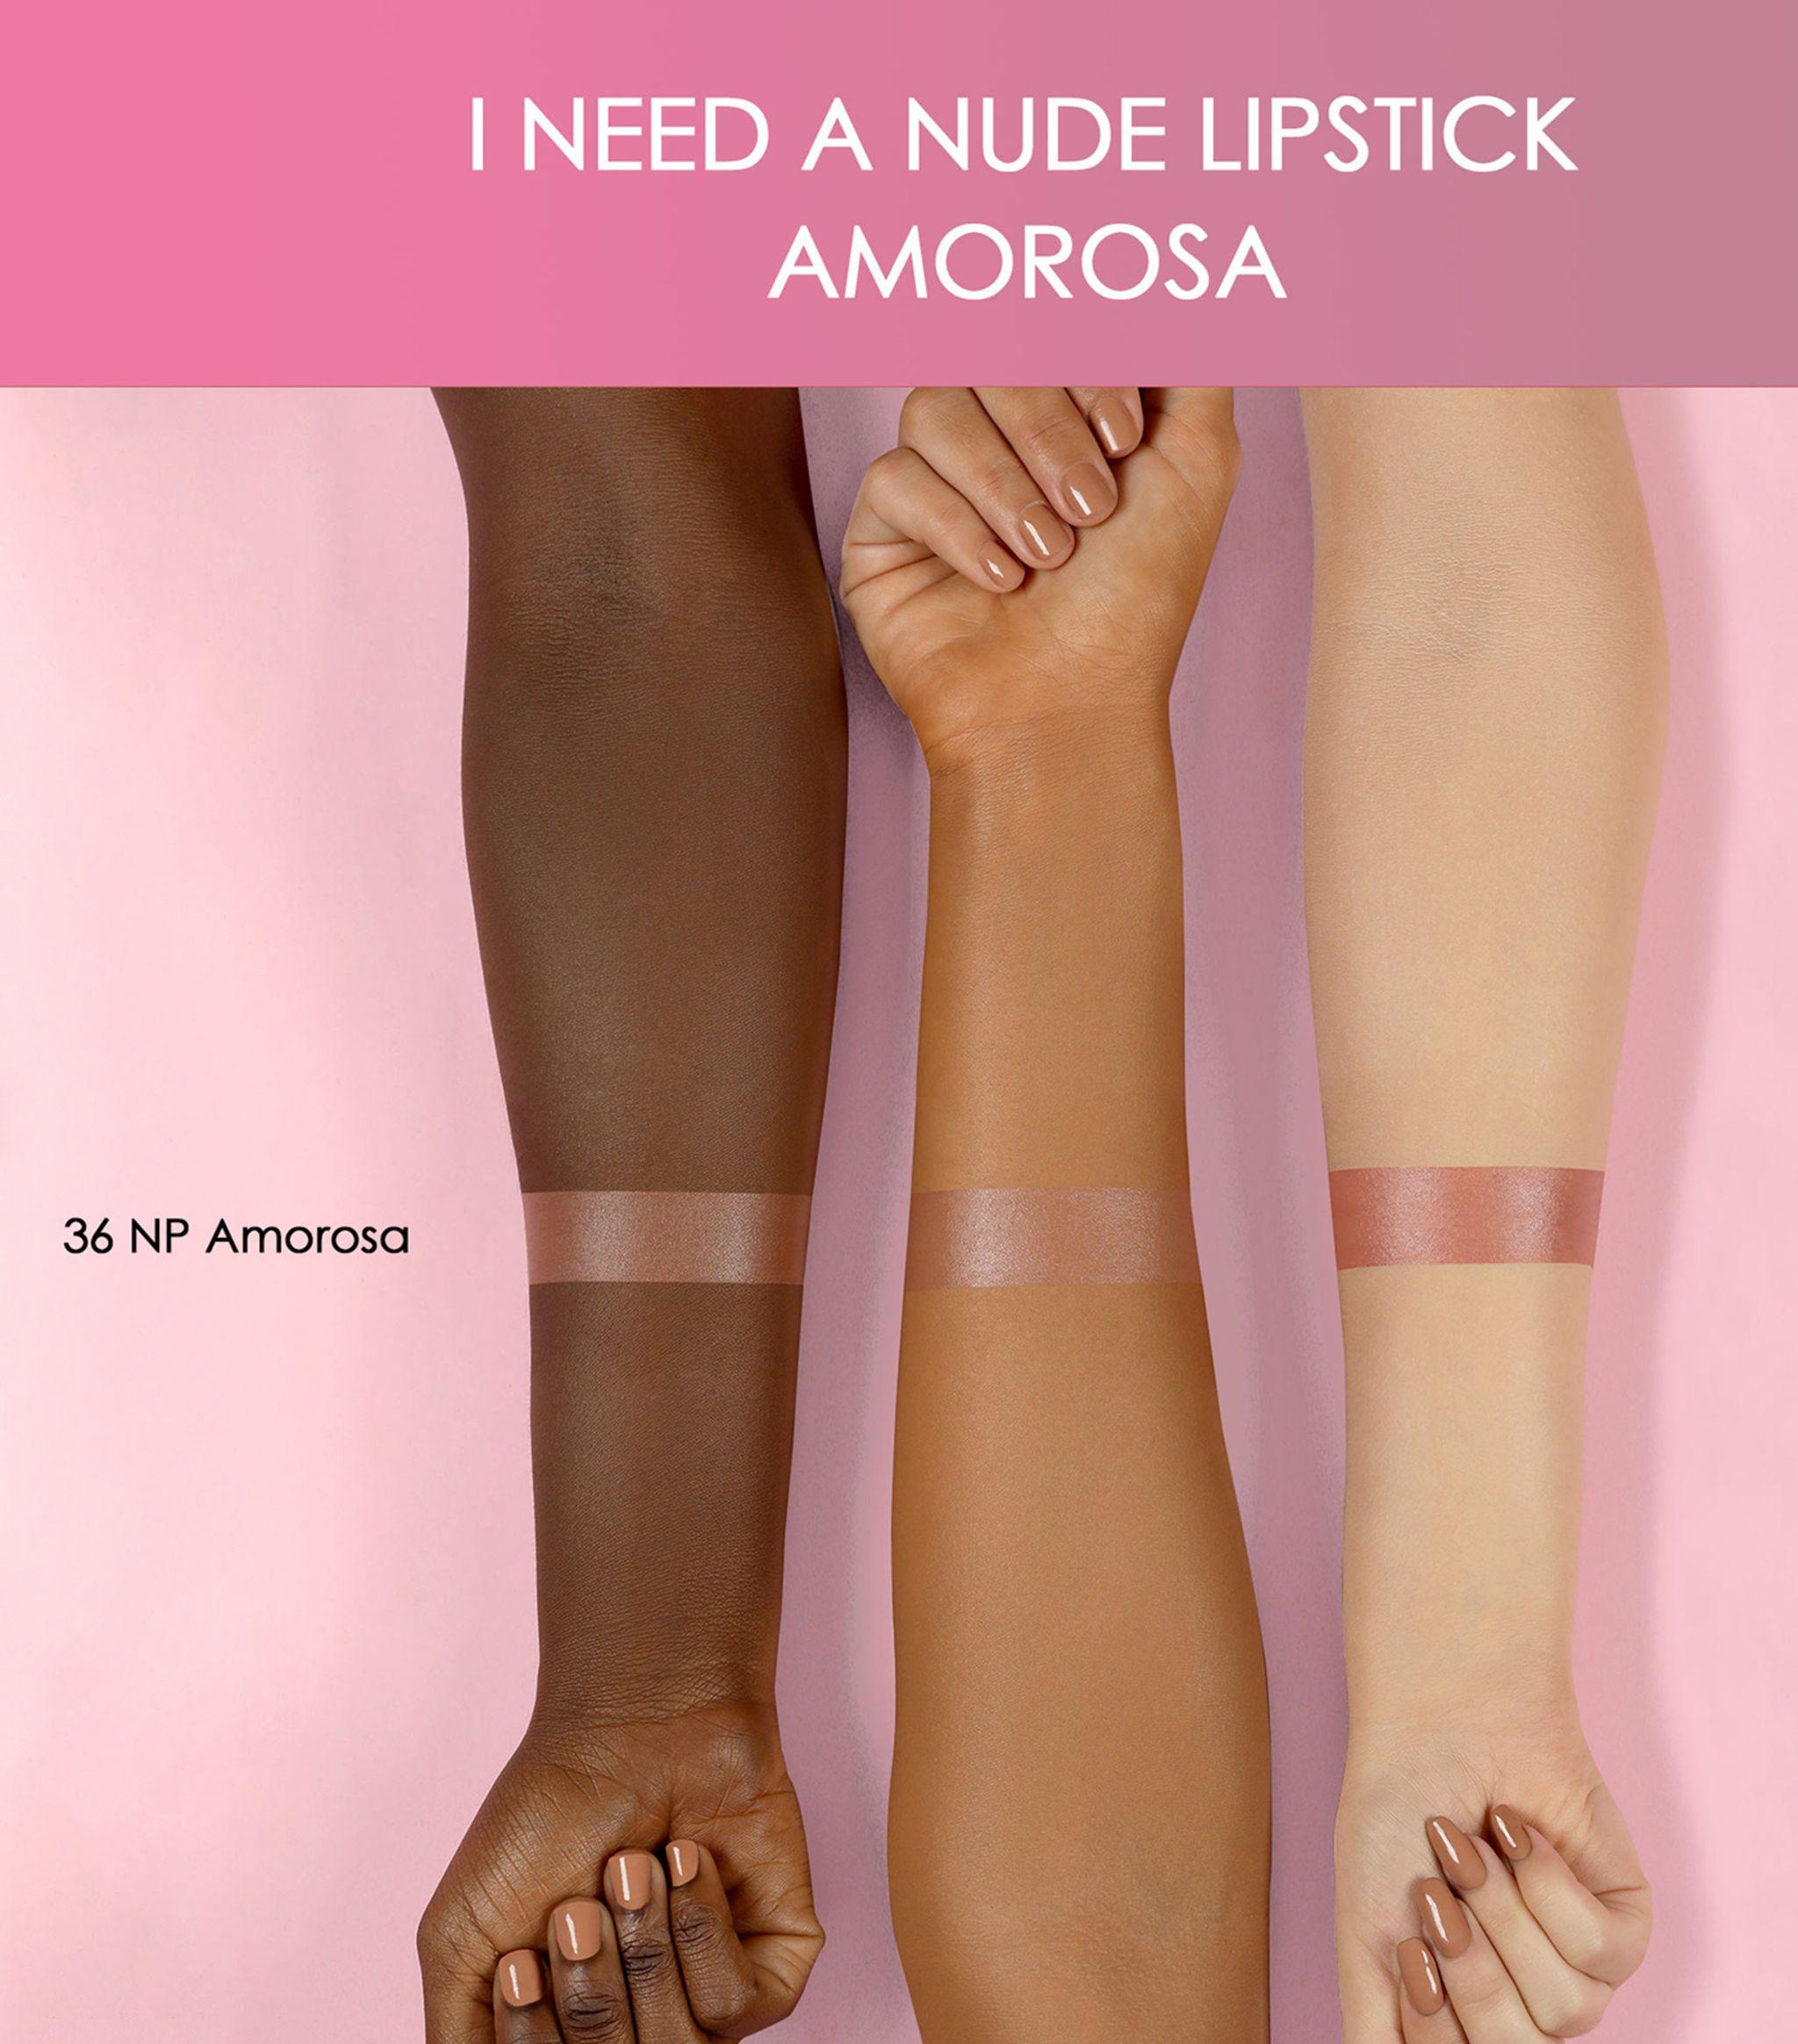 Natasha Denona Amorosa Love Collection Lipstick